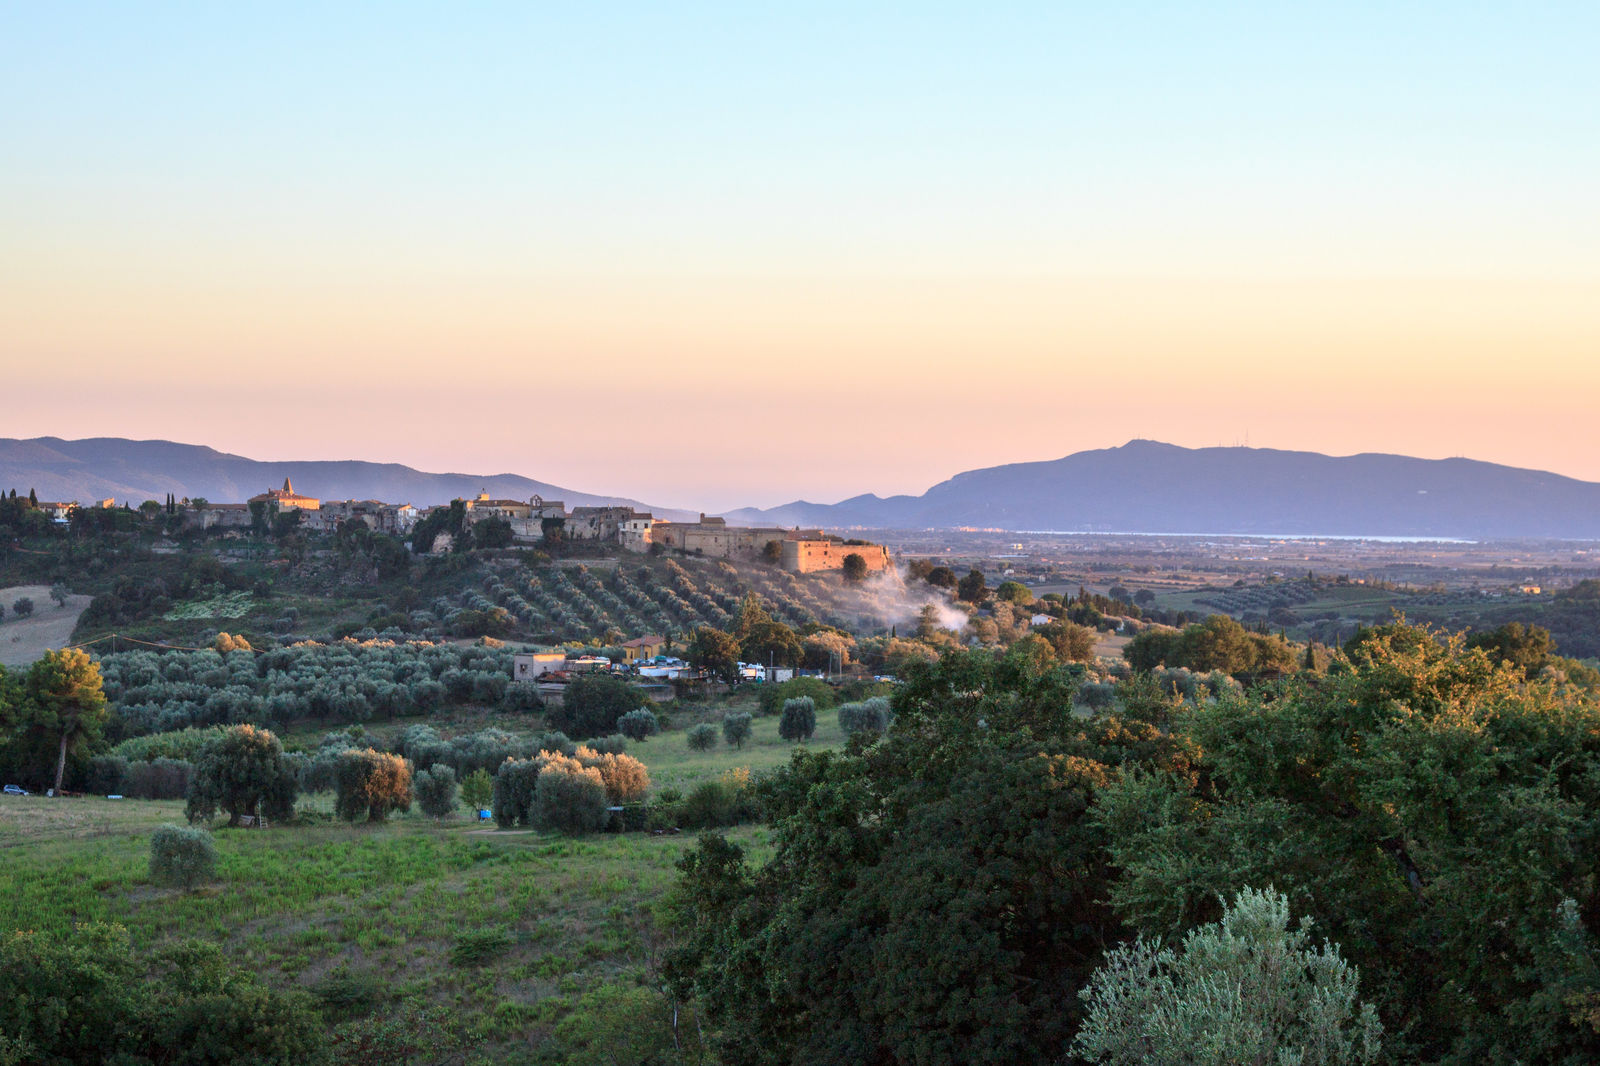 Magliano in Toscana - I Luoghi dello spirito